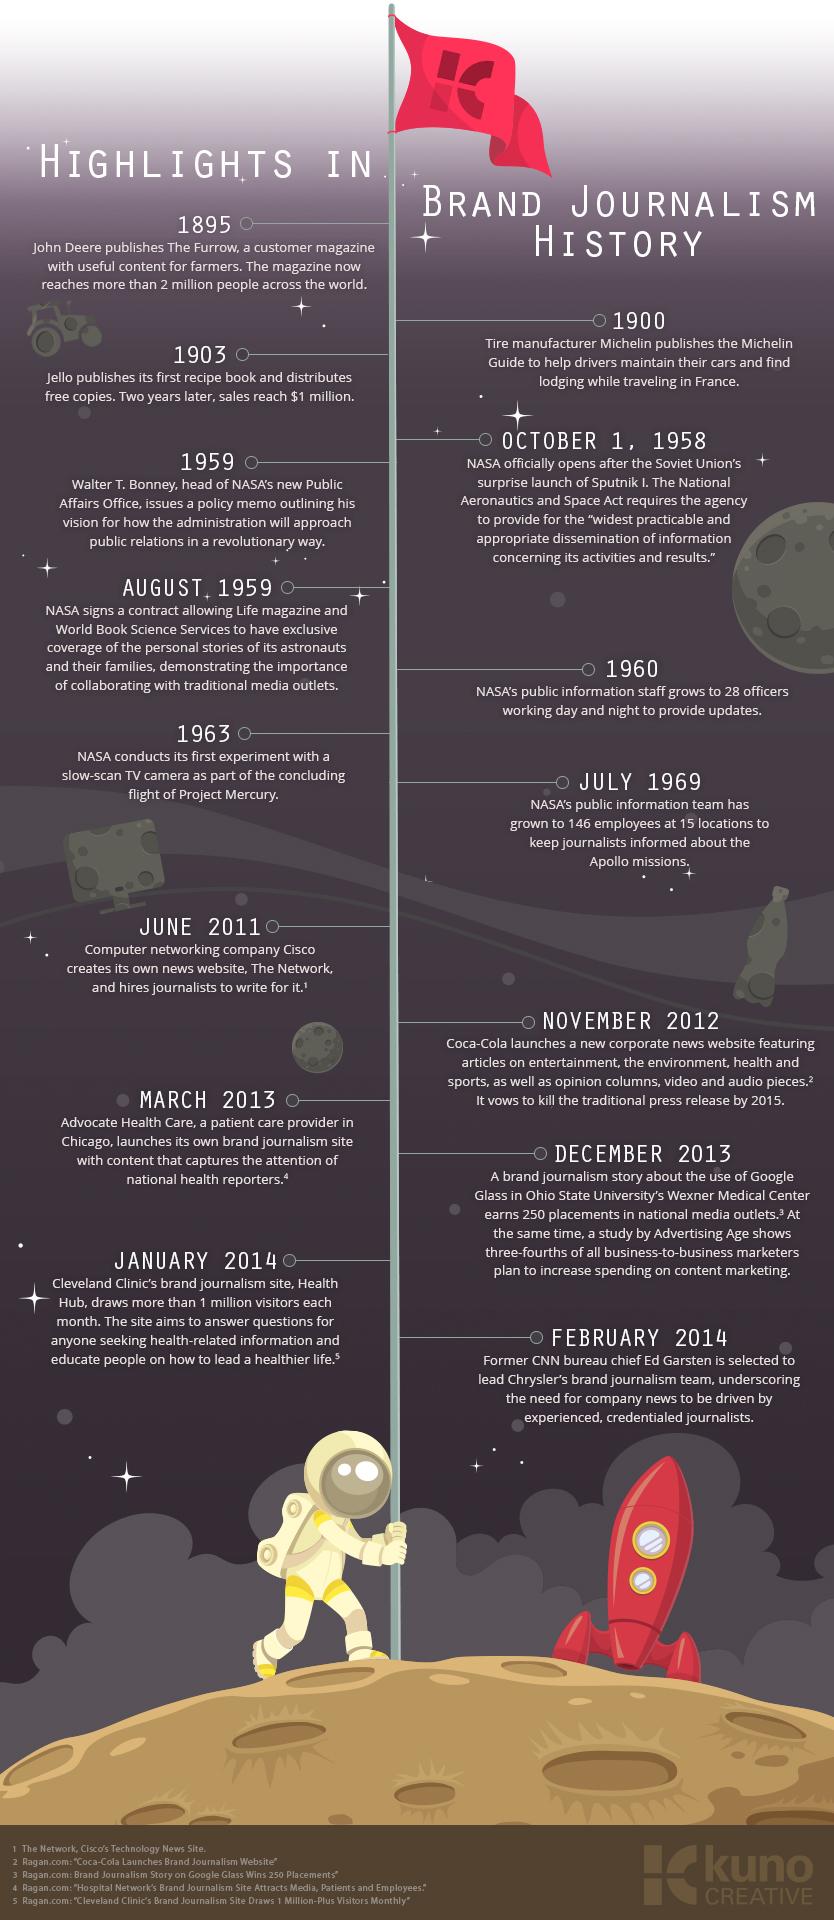 BrandJournalism infographic